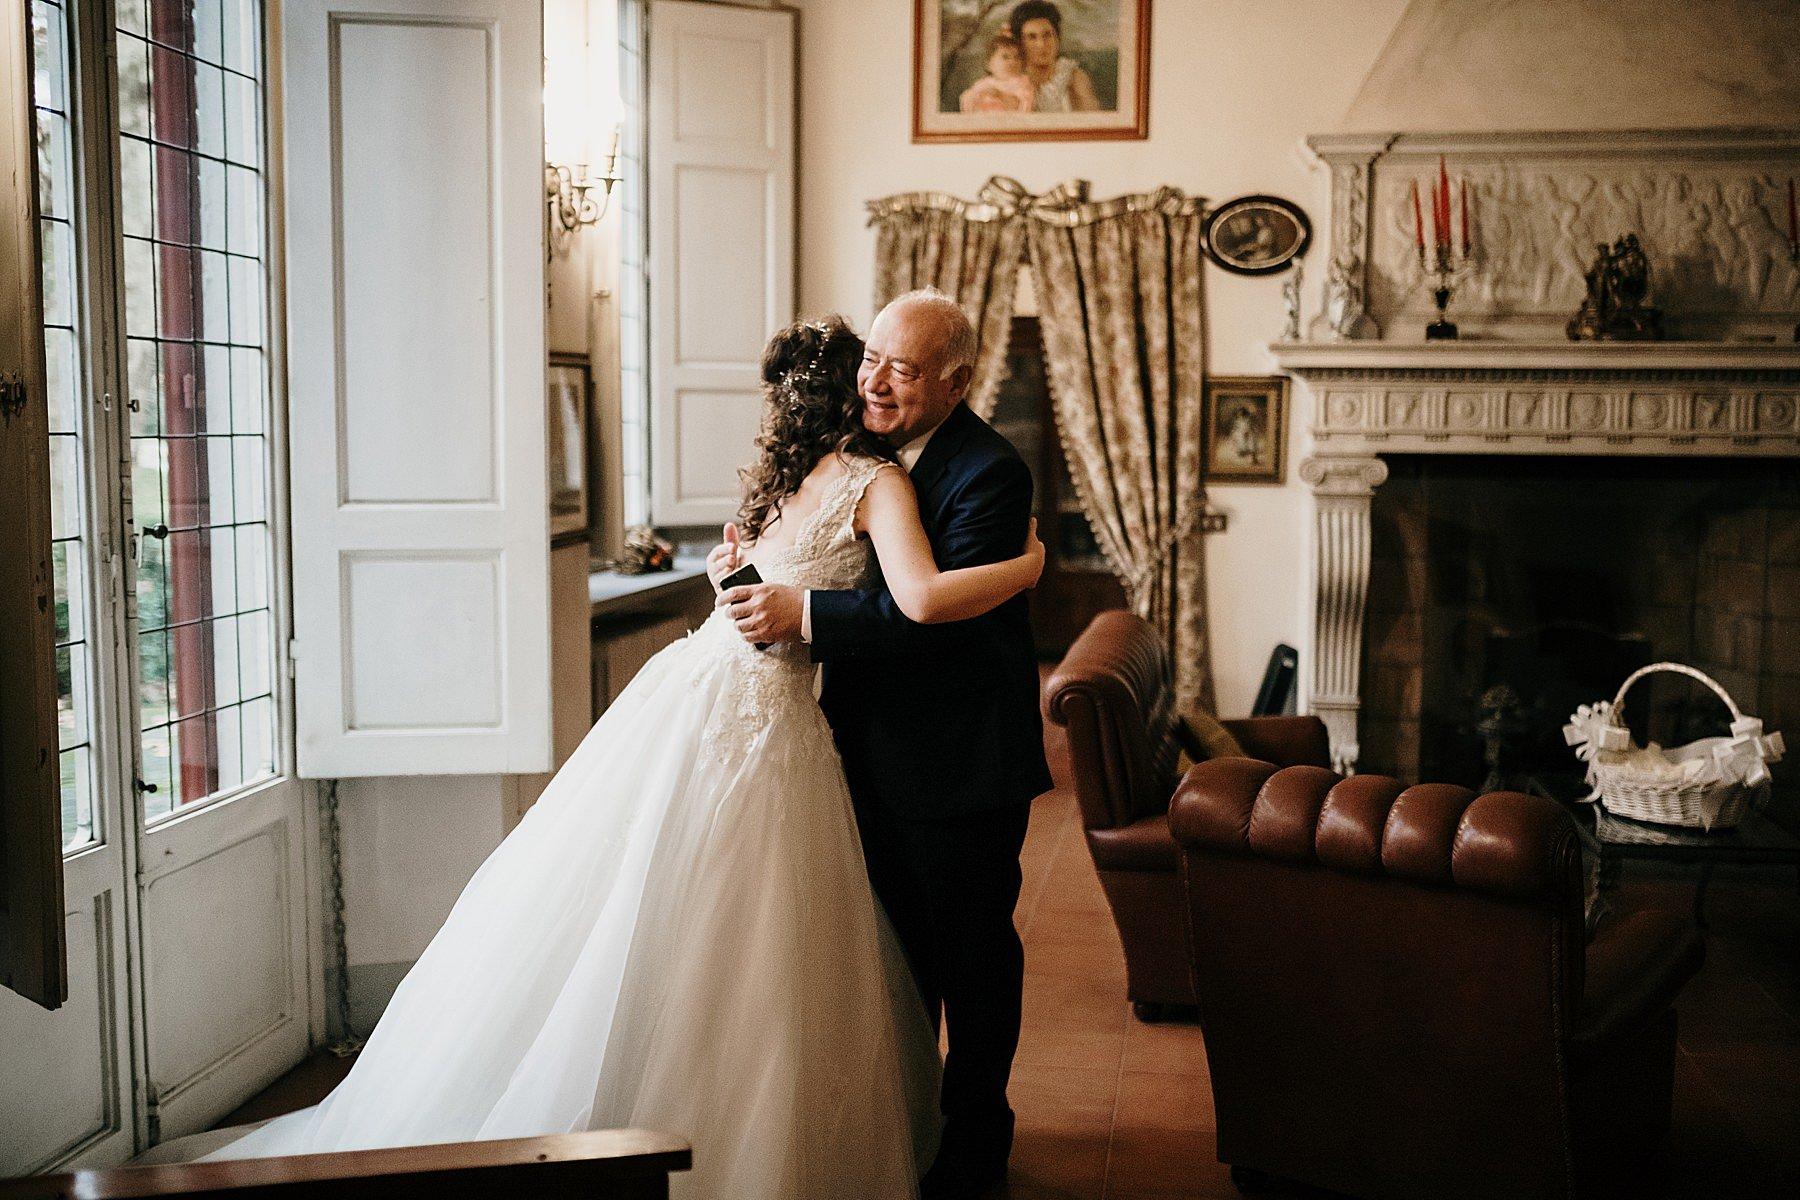 fotografia di matrimonio a firenze in inverno 718